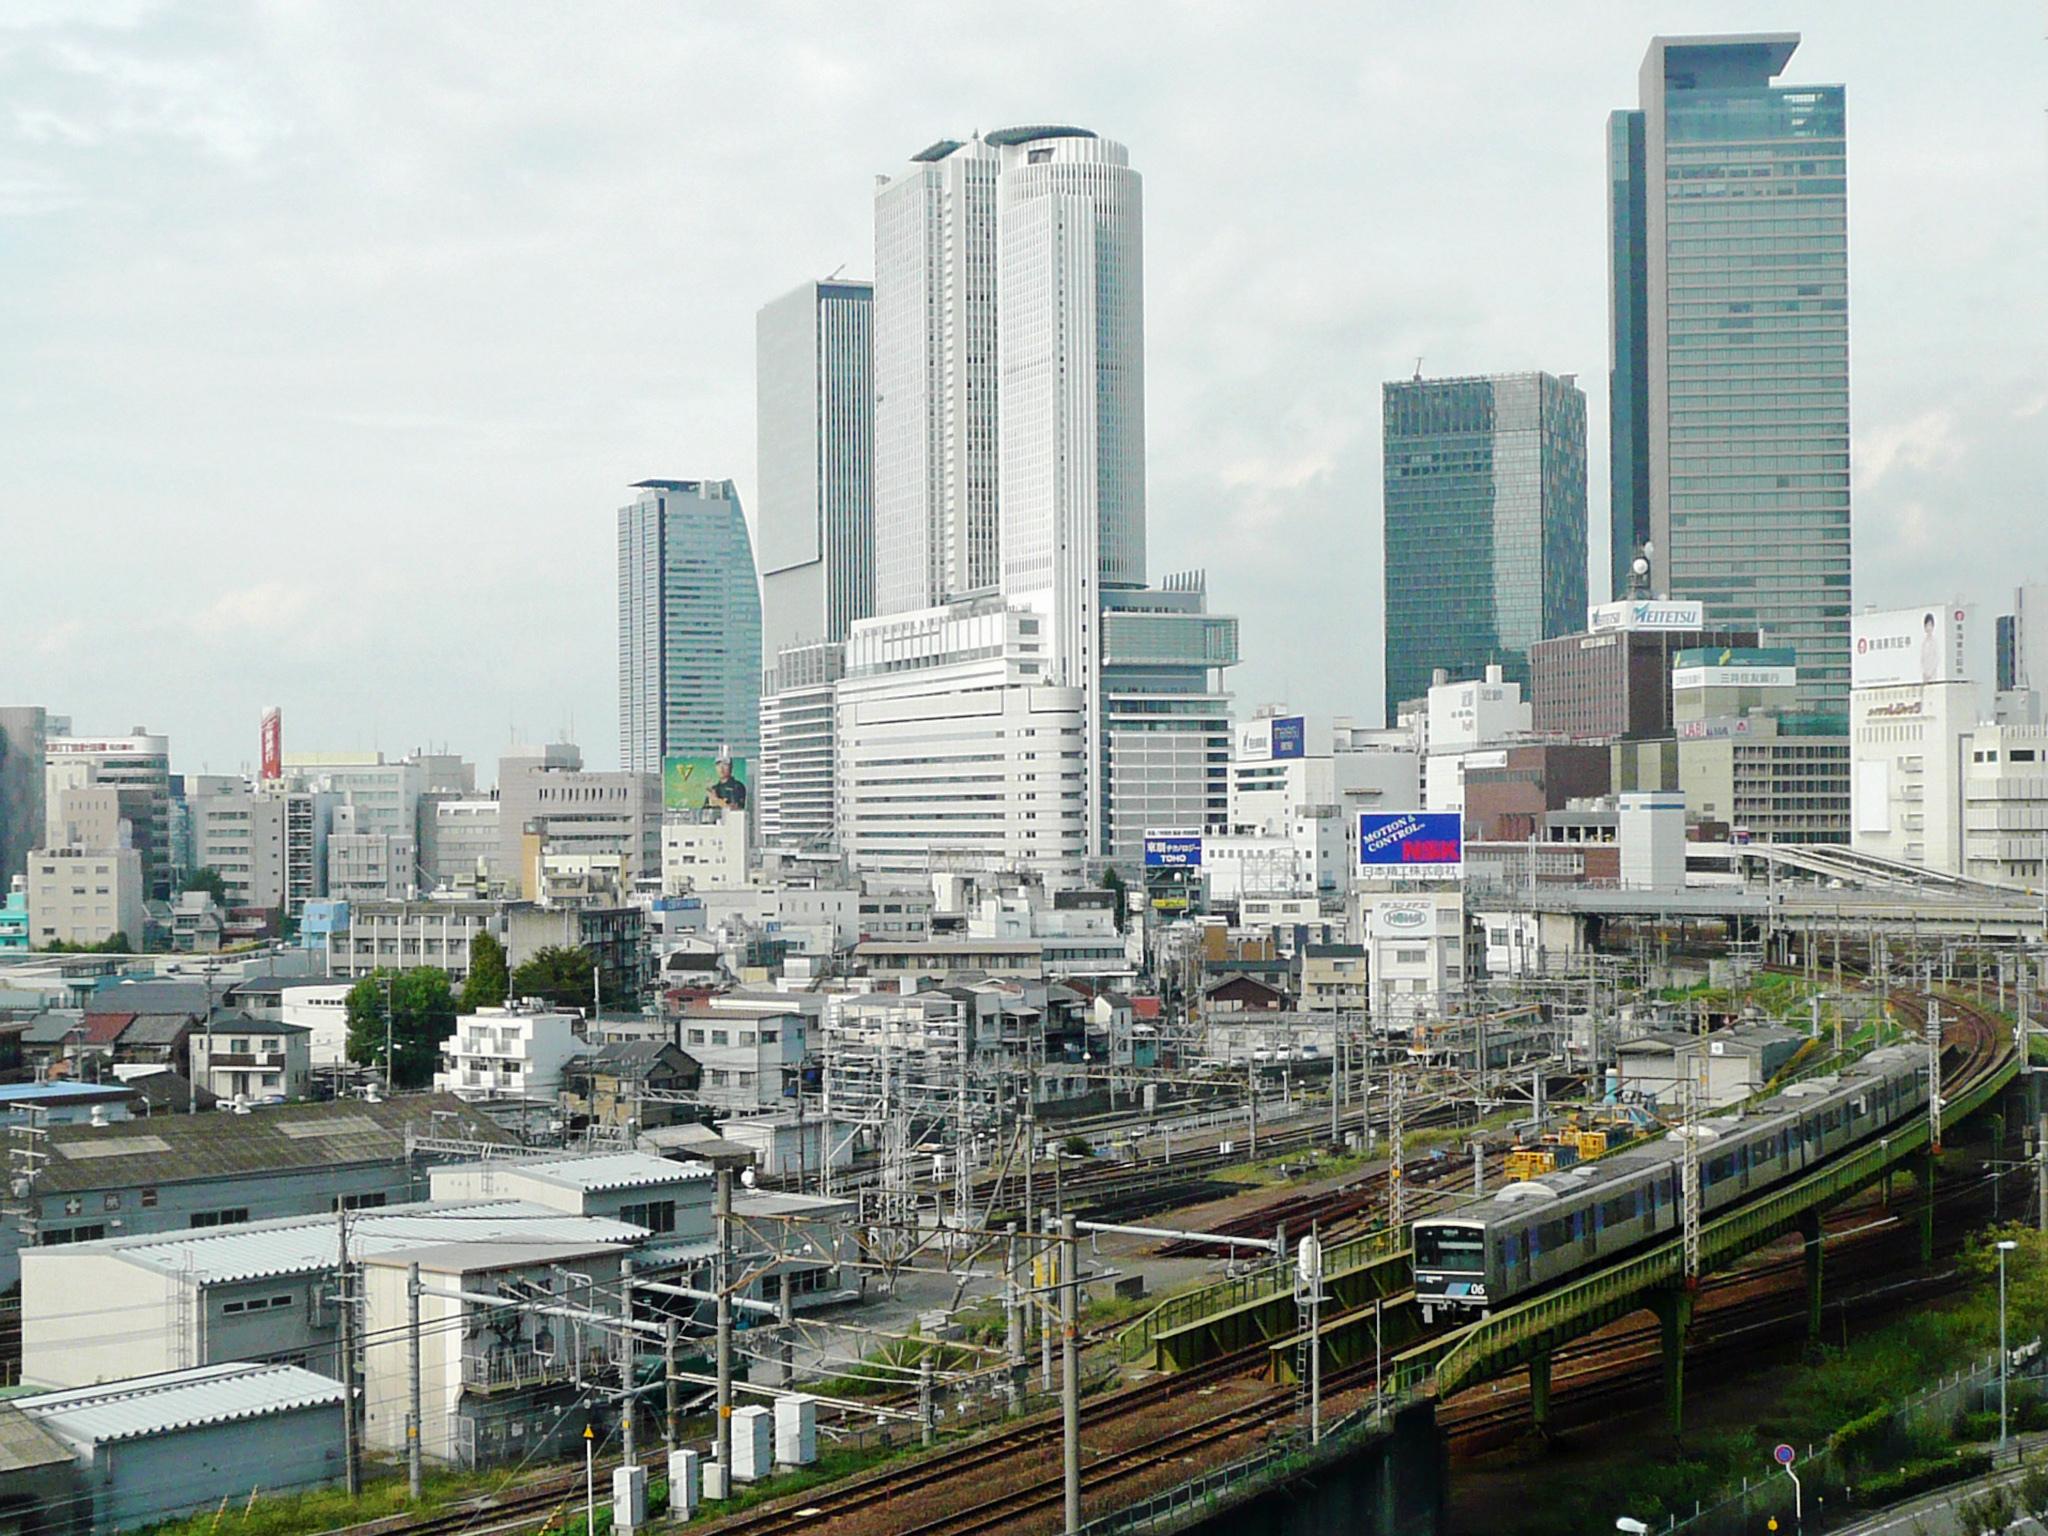 ゲート 名古屋 グローバル